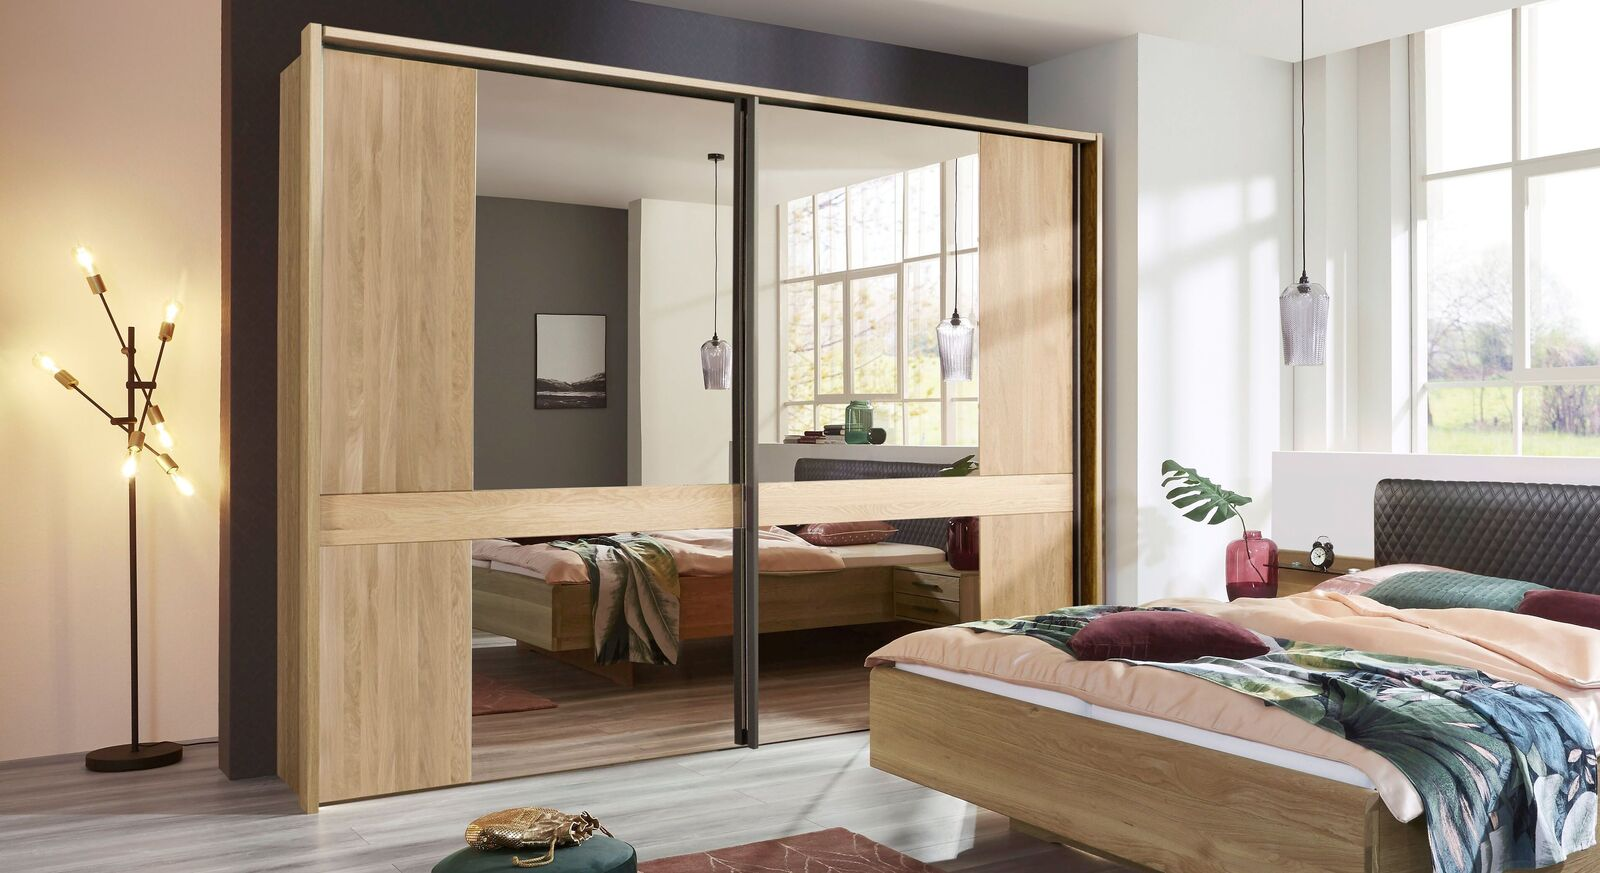 Schwebetüren-Kleiderschrank Vitoria in Eiche teilmassiv mit modernem Design